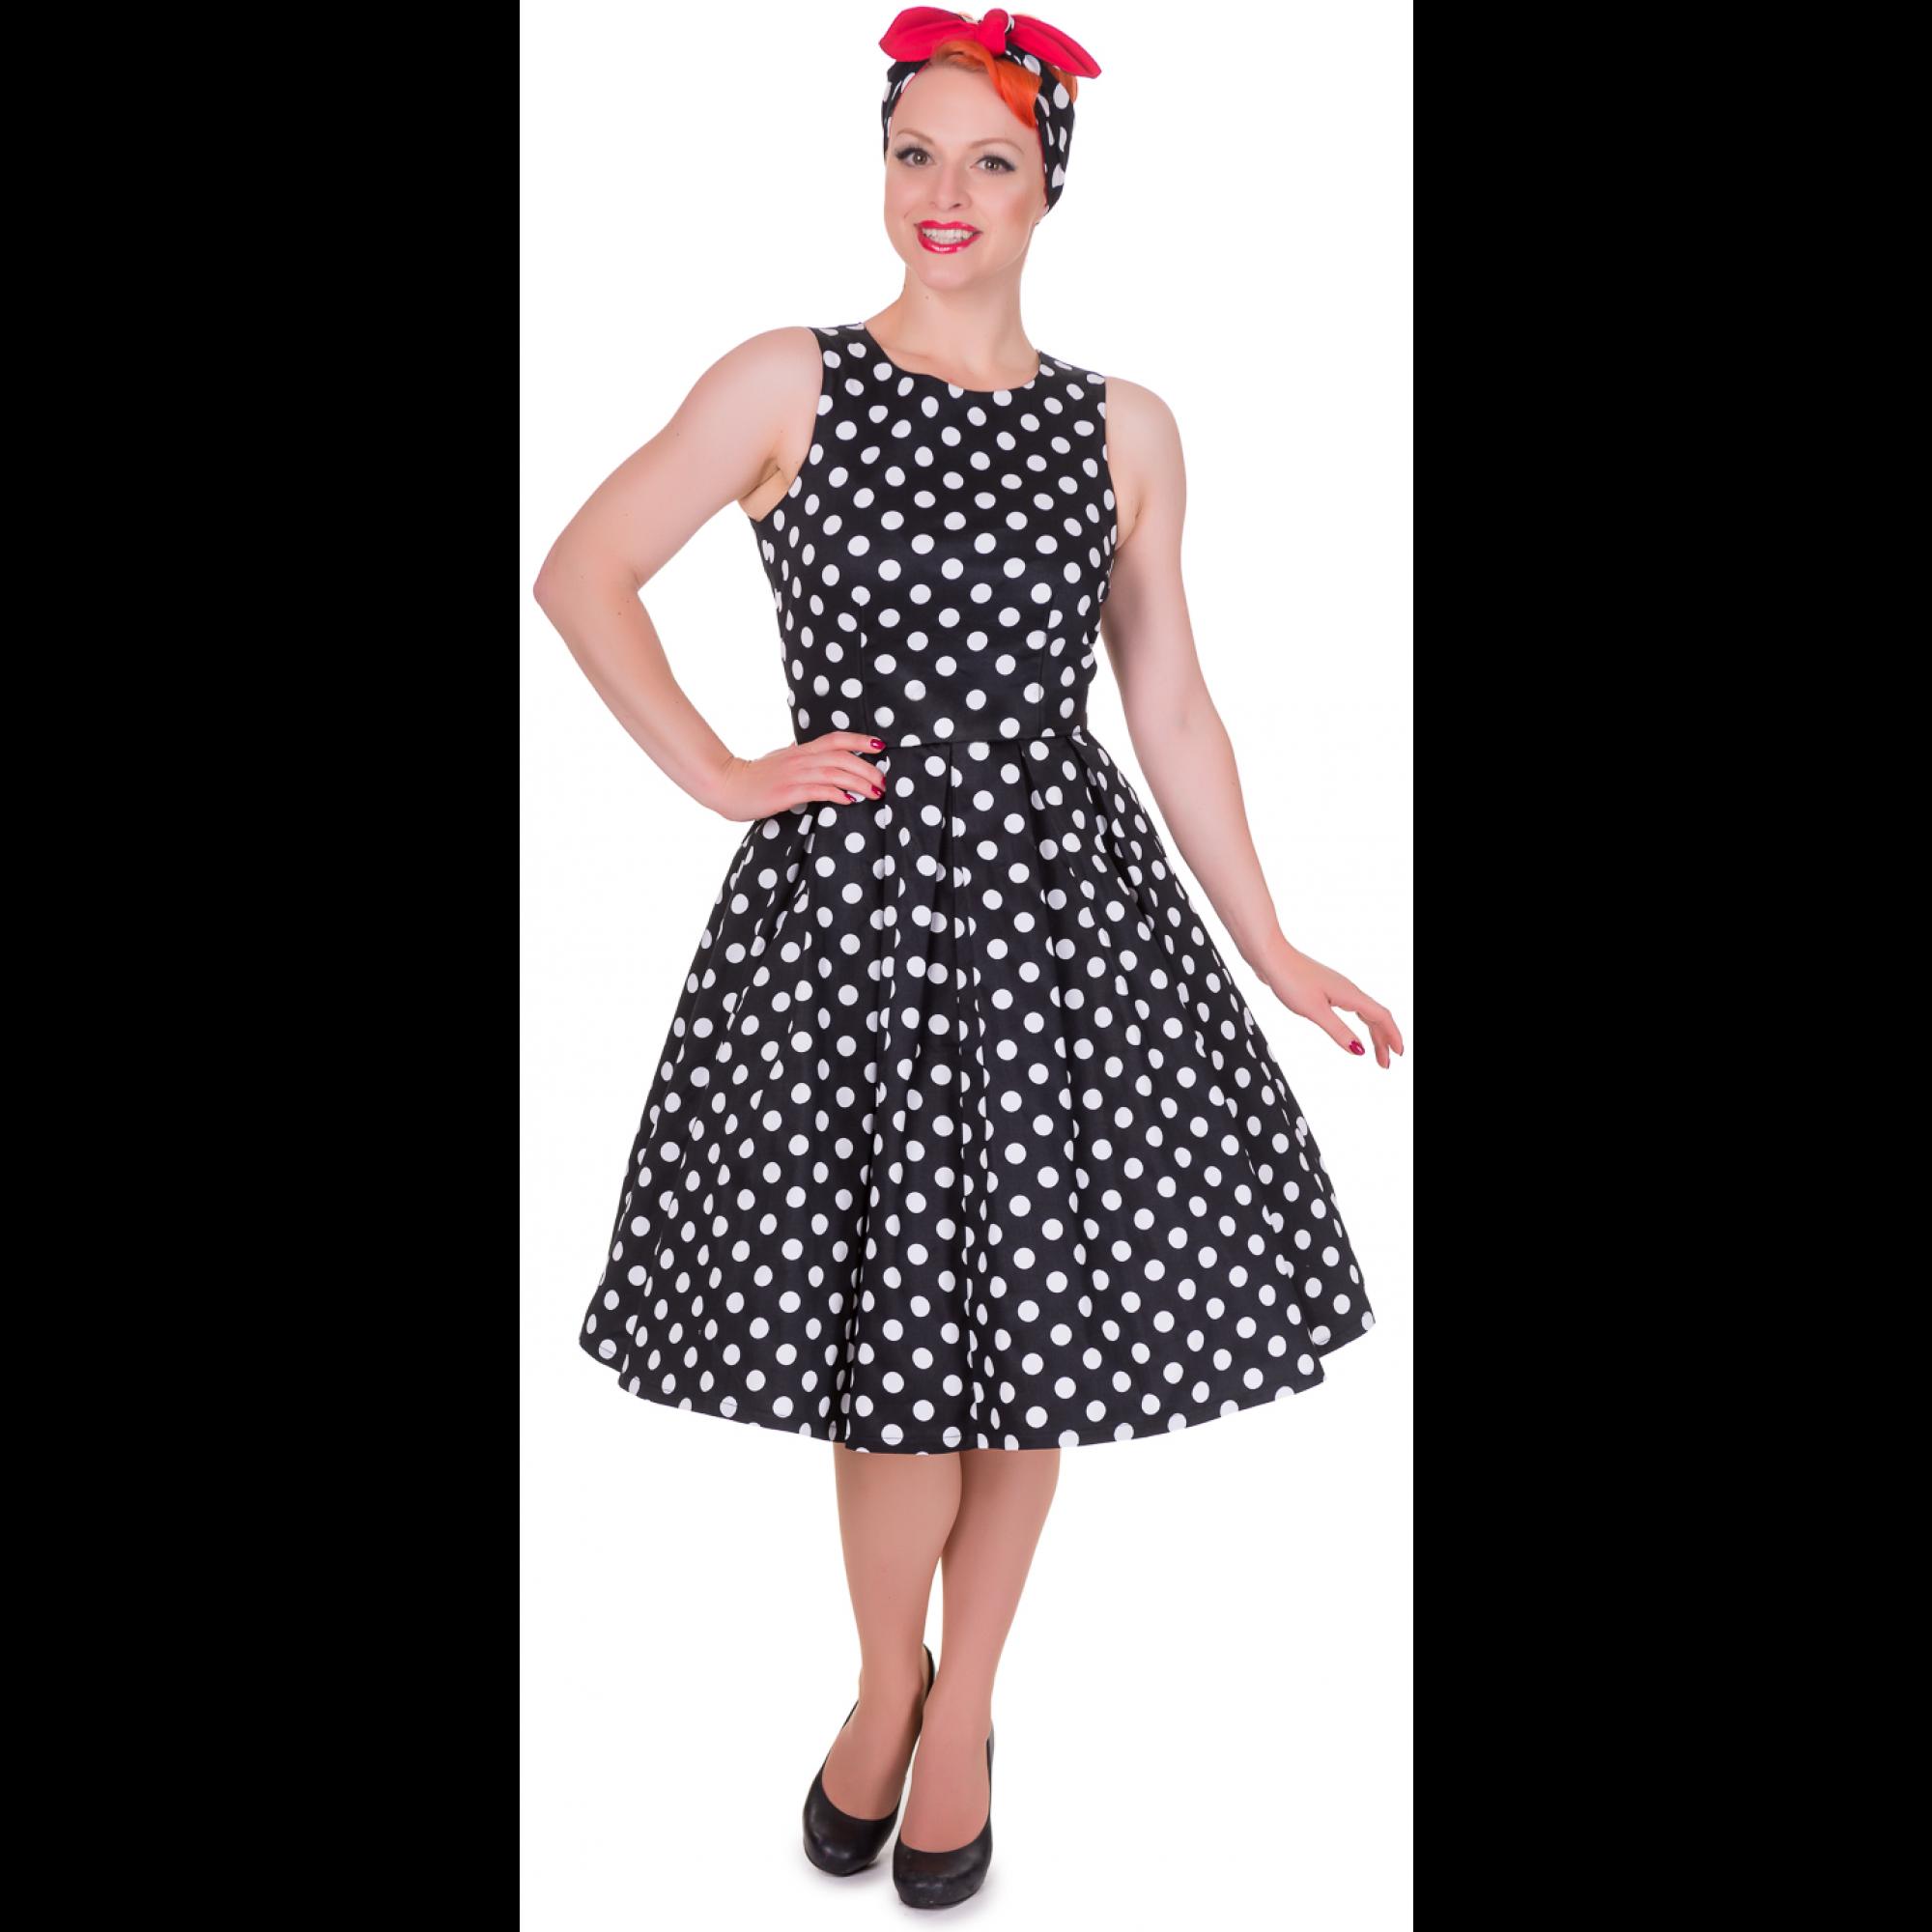 ed0473855b2c Štylové černé retro šaty s bílýmy puntíky